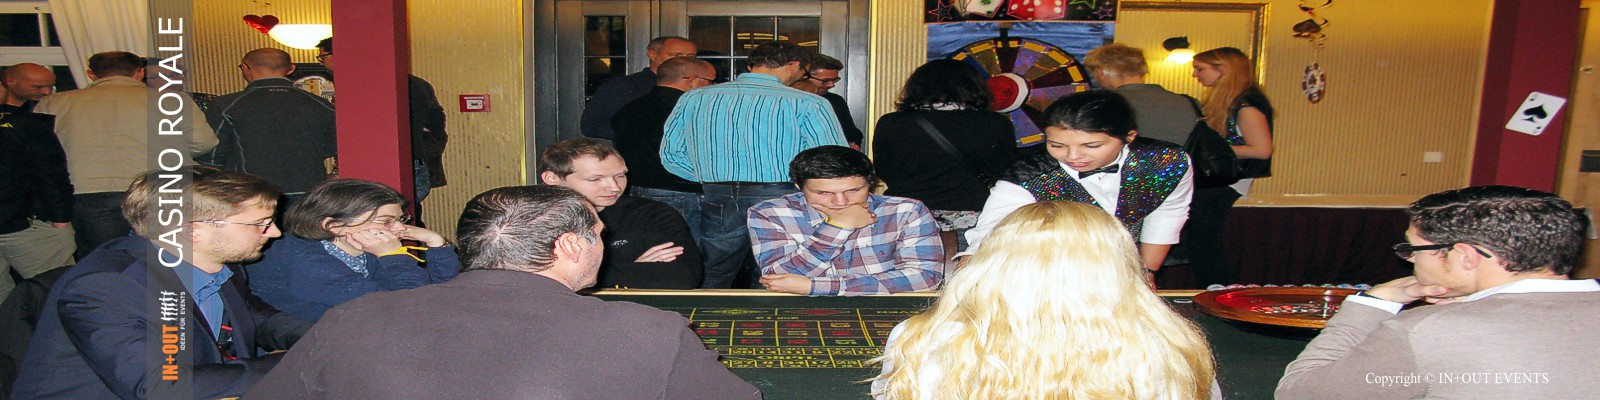 Casino Spieltisch Roulette